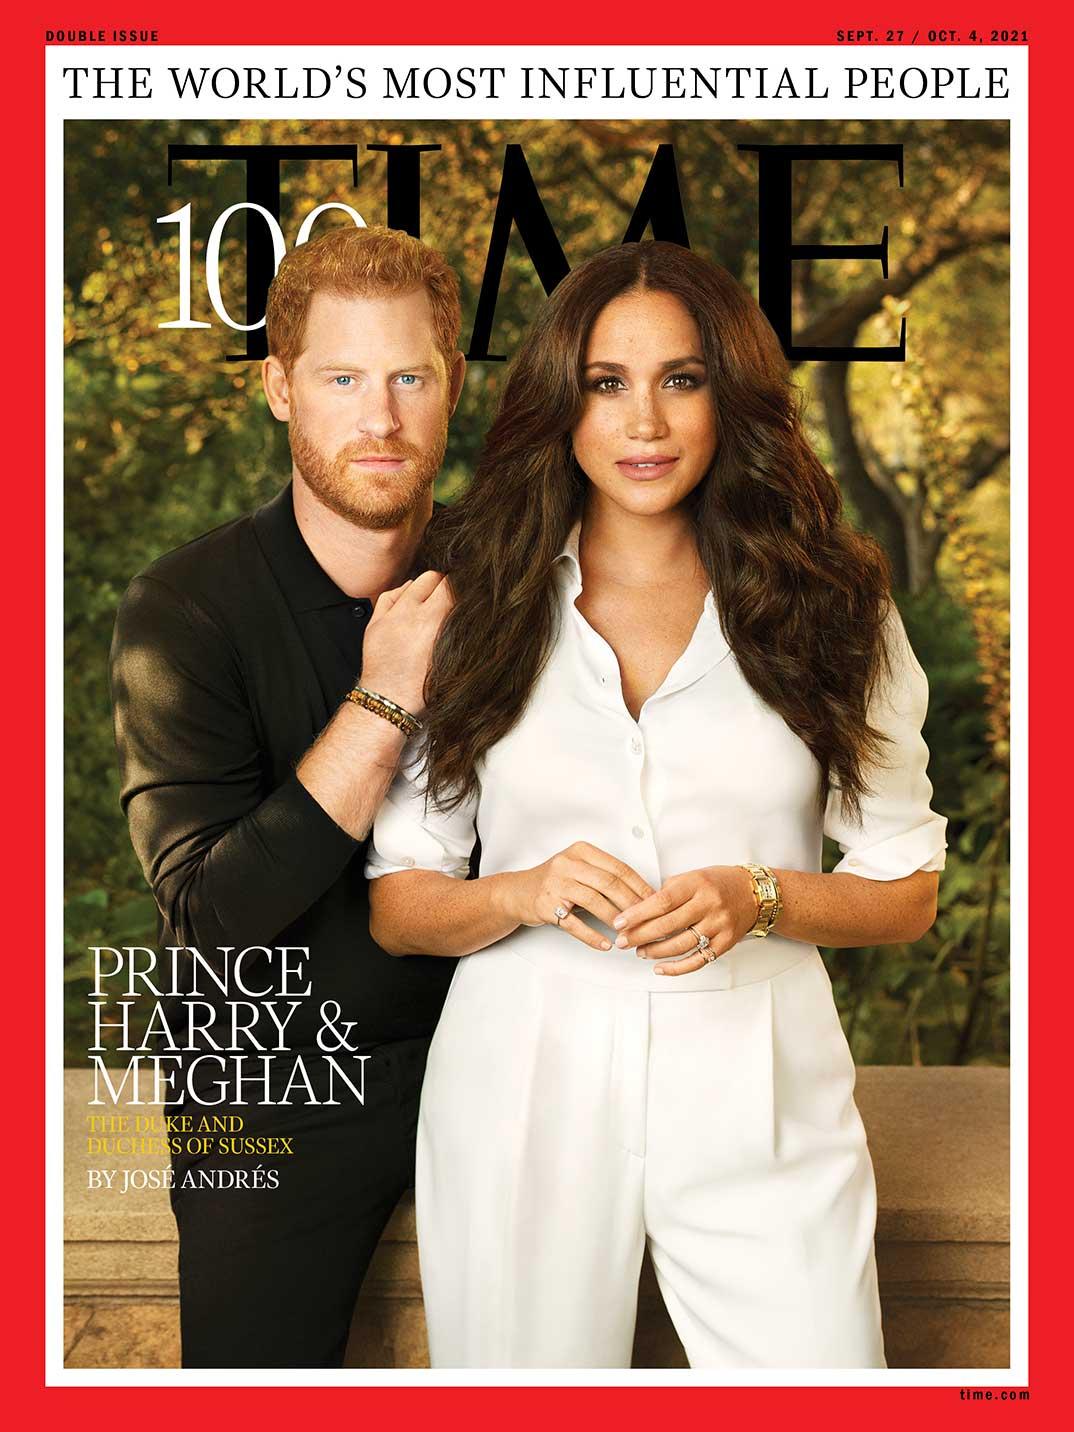 Príncipe Harry y Meghan Markle - Revista Time